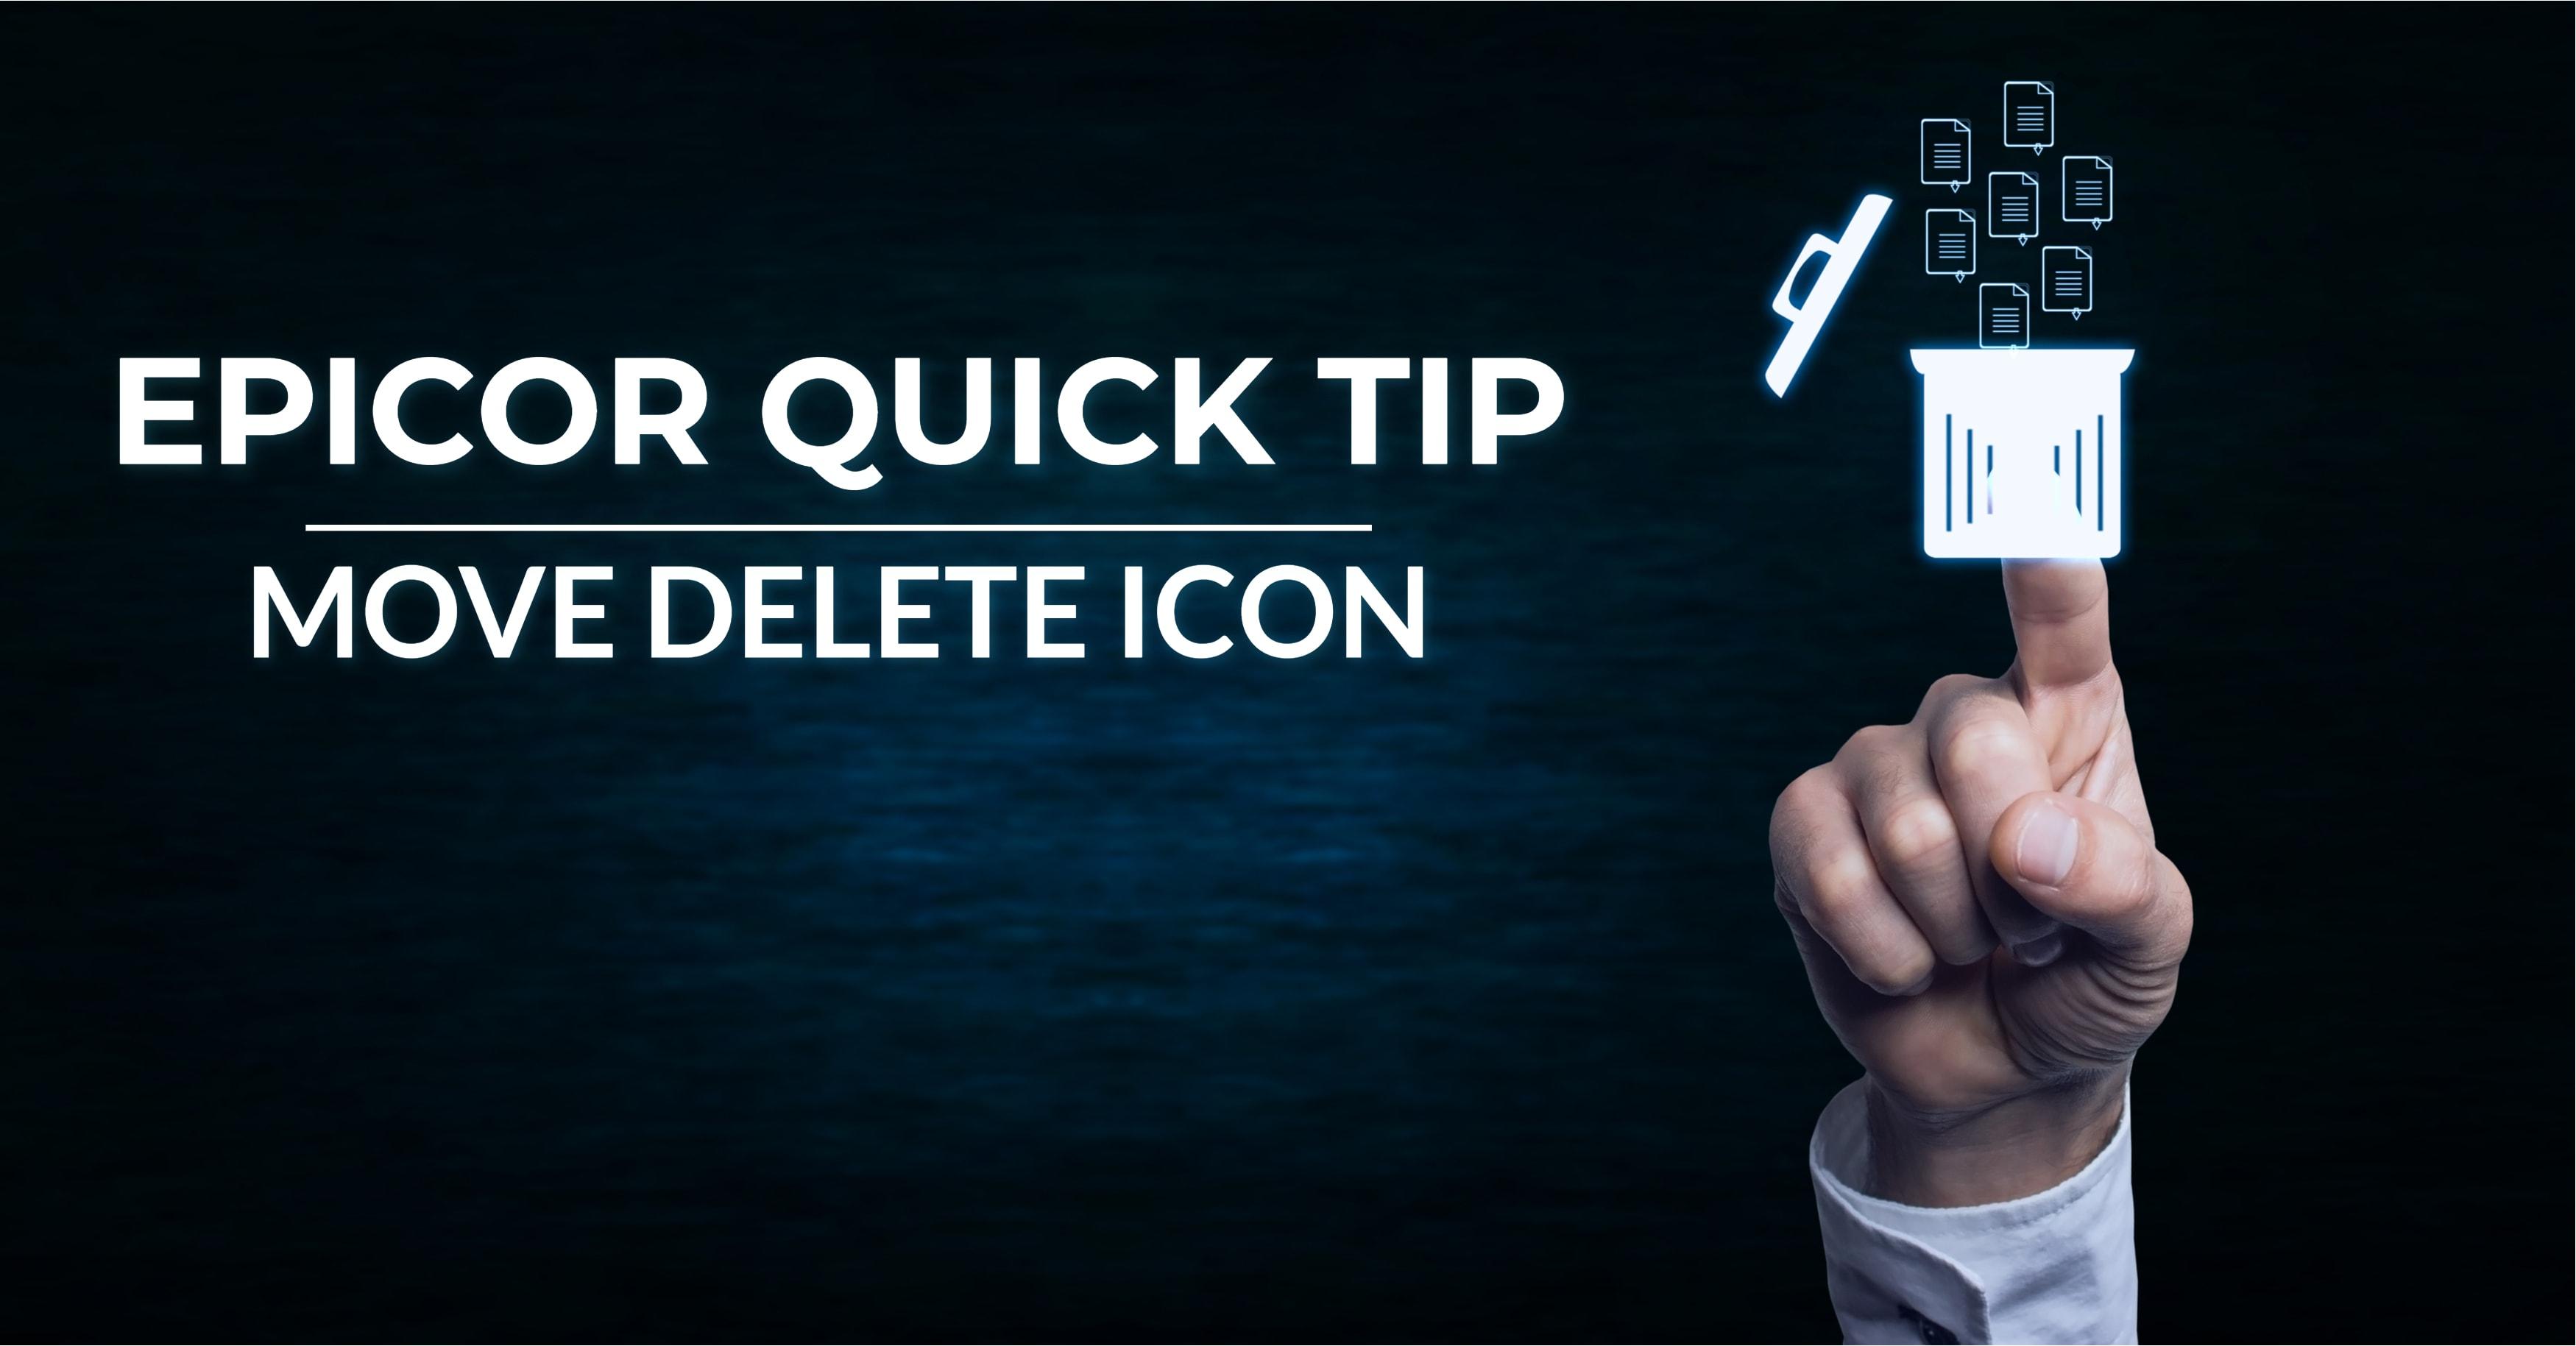 Epicor Delete Icon